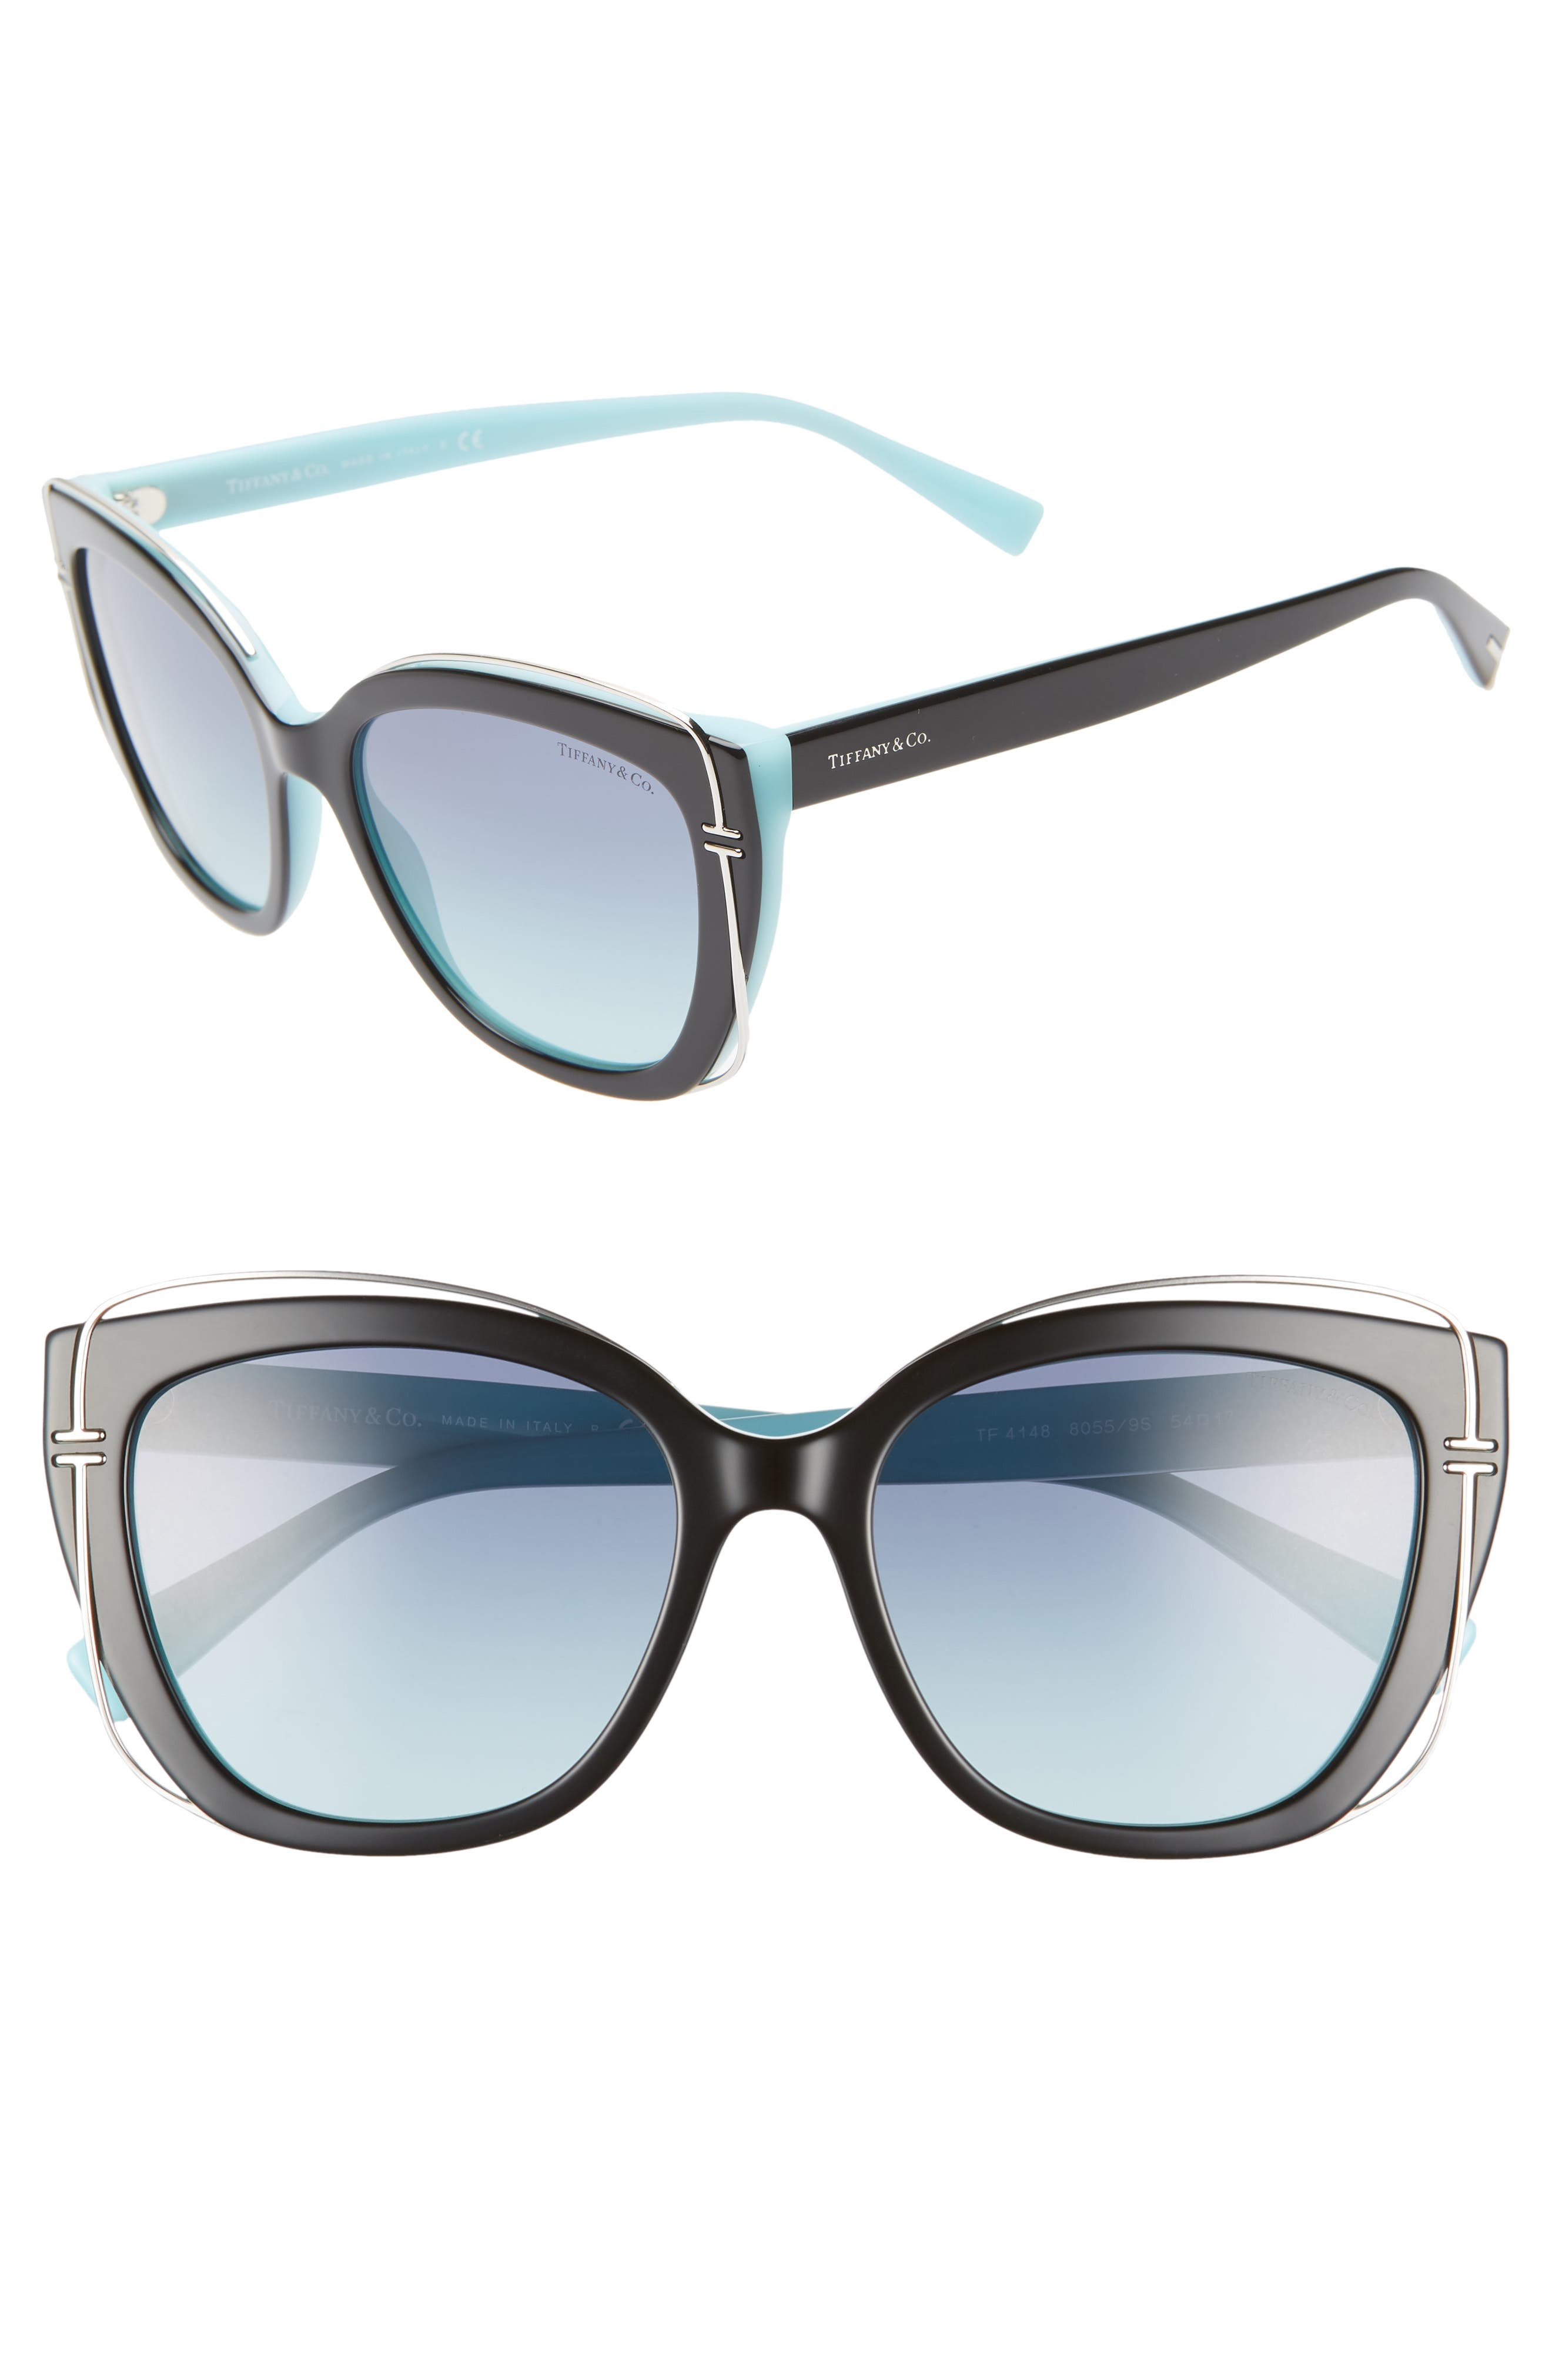 54mm Gradient Cat Eye Sunglasses,                             Main thumbnail 1, color,                             BLACK/ BLUE GRADIENT